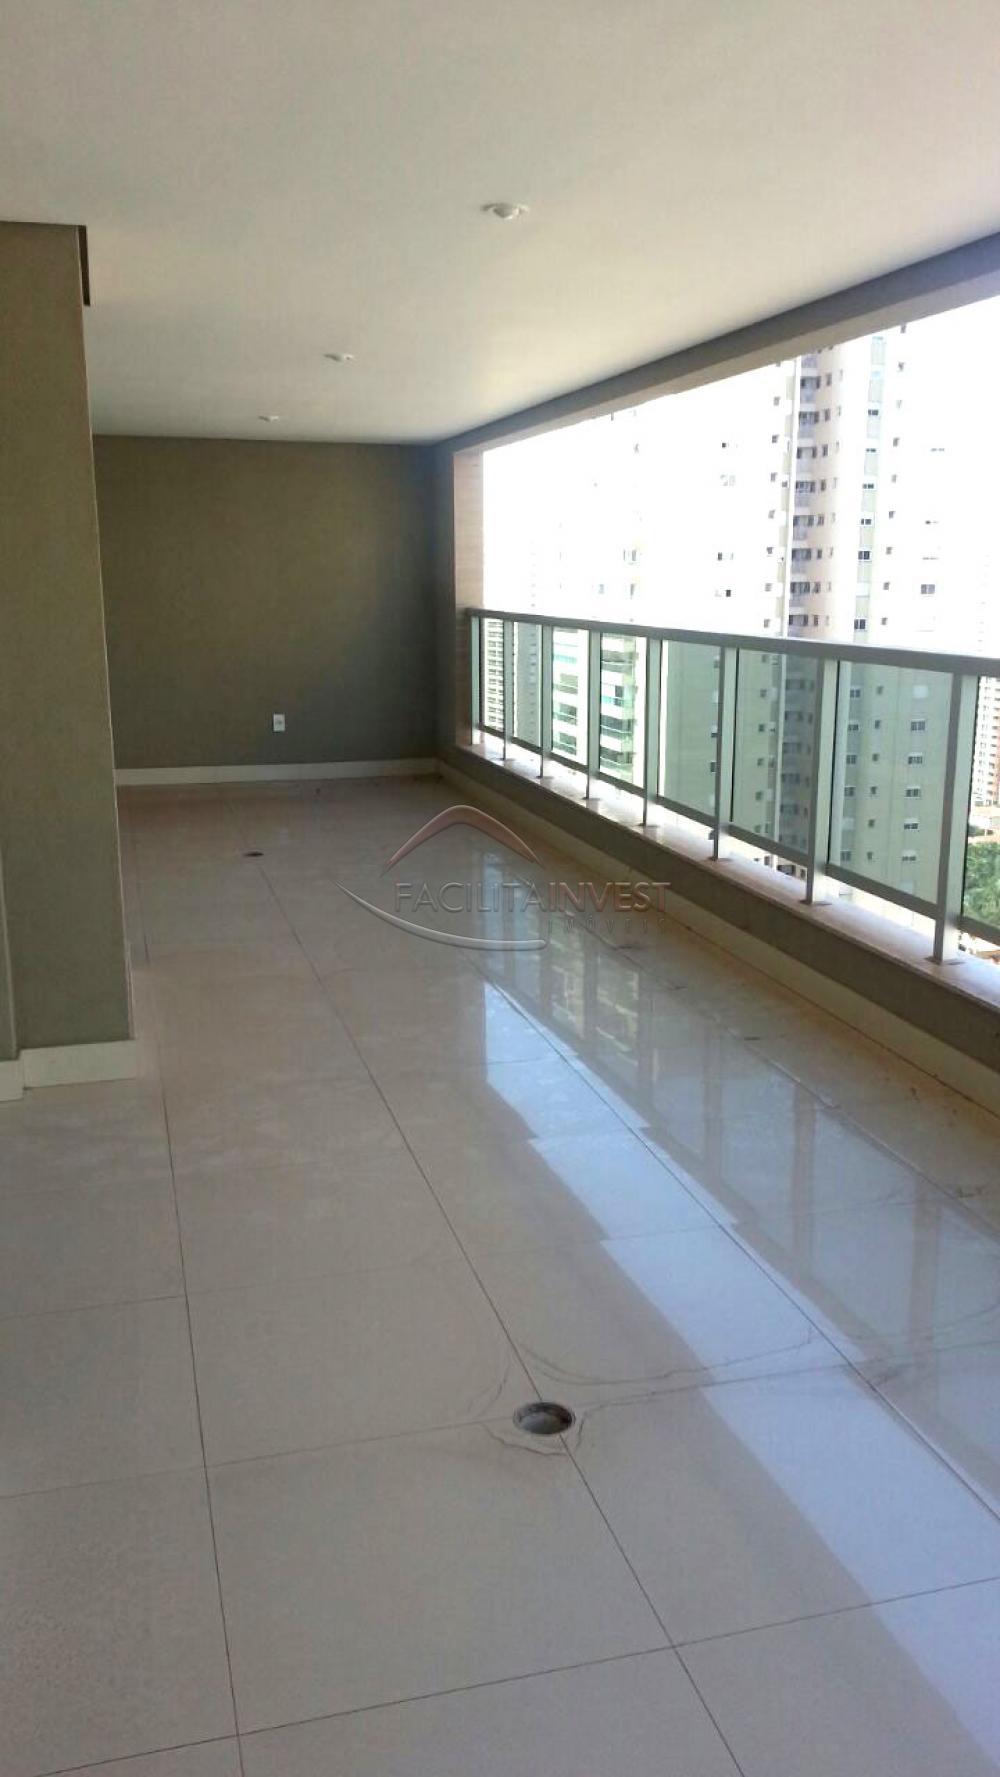 Comprar Apartamentos / Apart. Padrão em Ribeirão Preto apenas R$ 1.288.977,04 - Foto 7